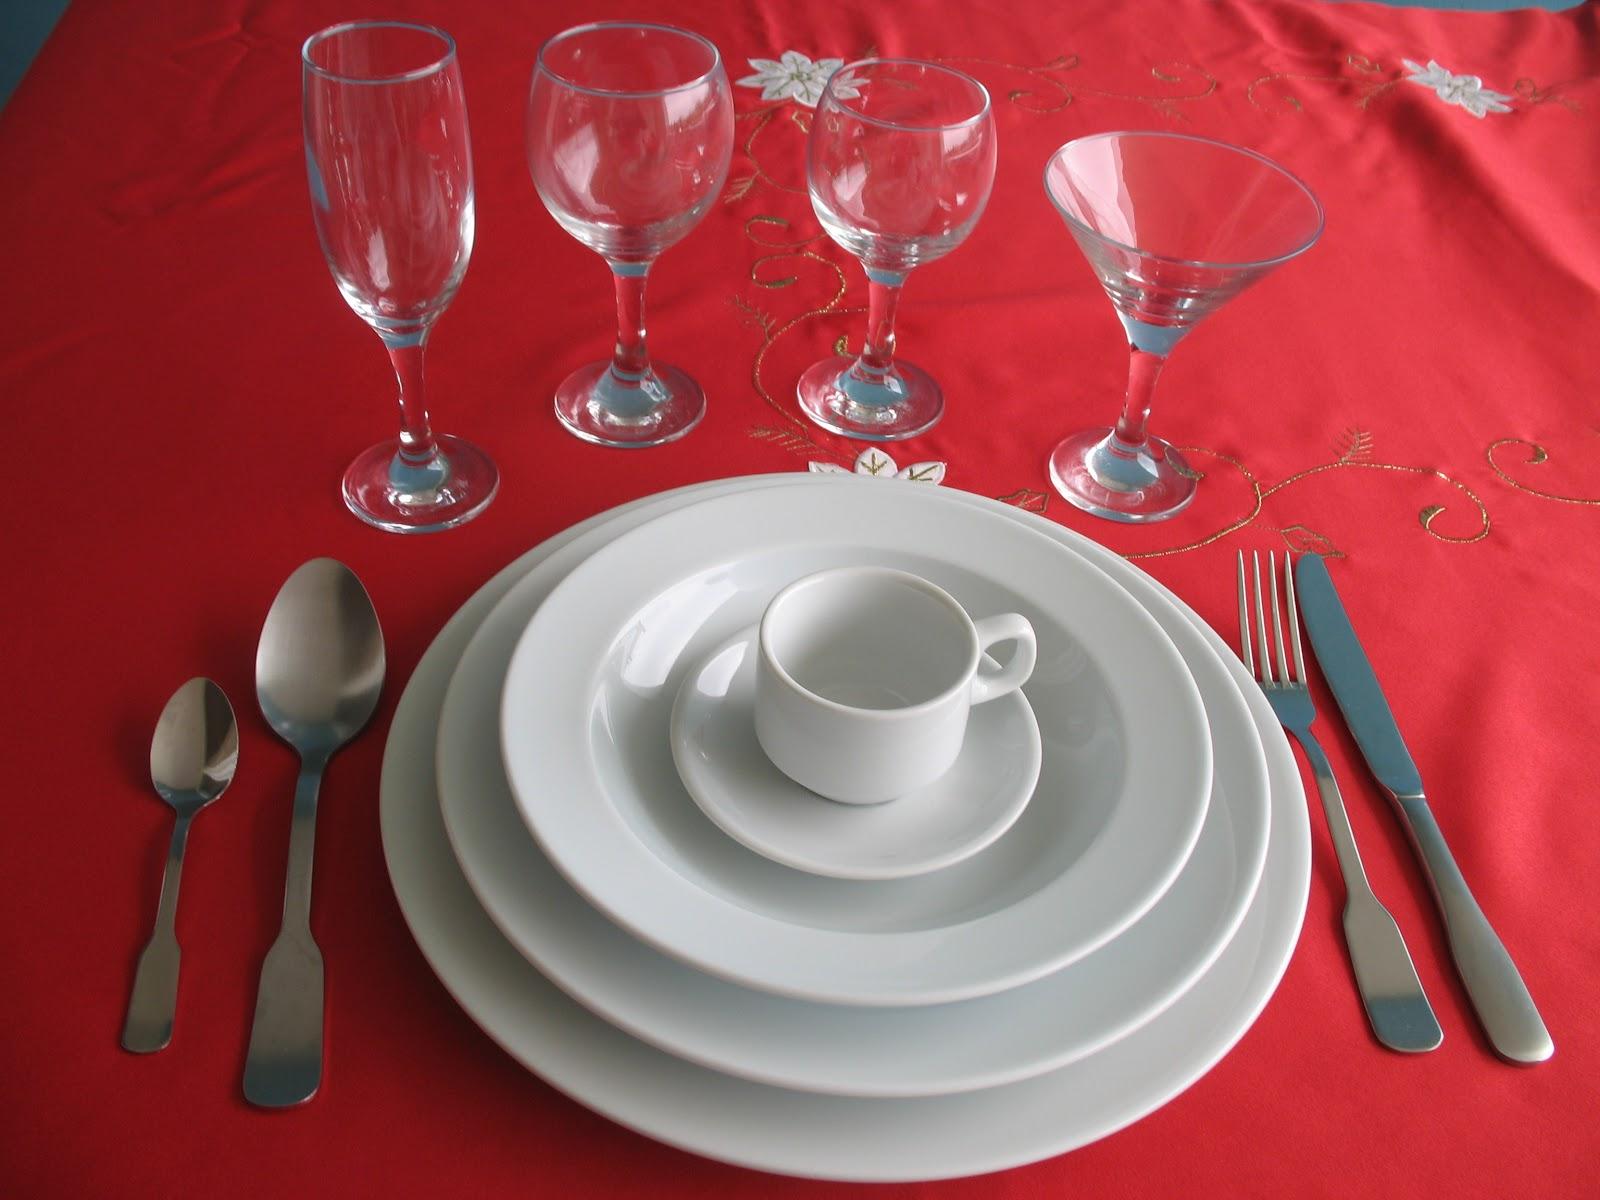 Loca vaisselle vaisselle et art de la table - Art de la table vaisselle ...